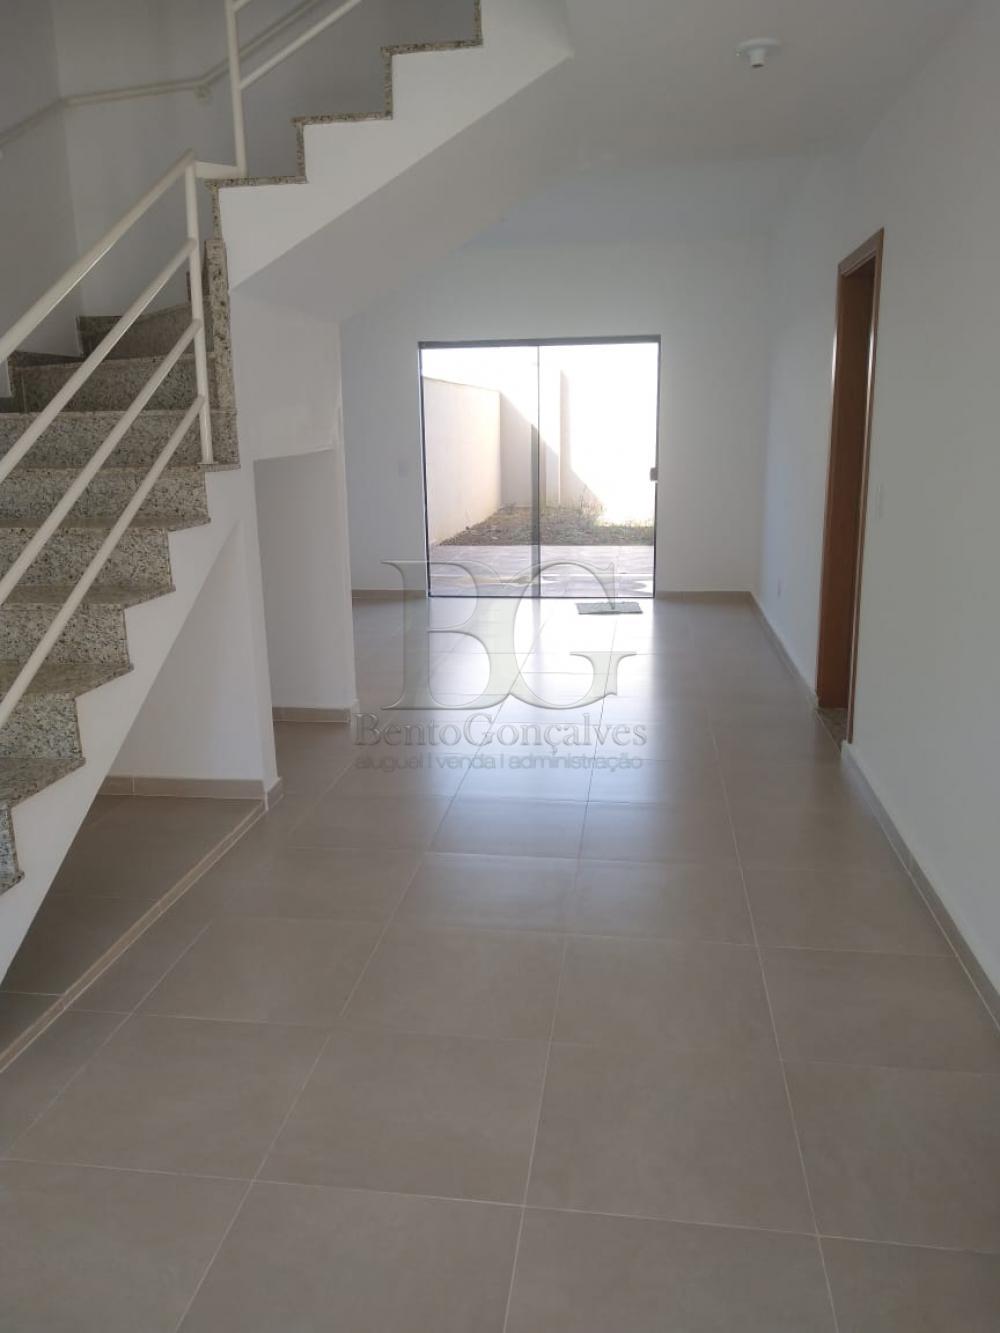 Alugar Casas / Casa em condomínio em Poços de Caldas apenas R$ 1.700,00 - Foto 5